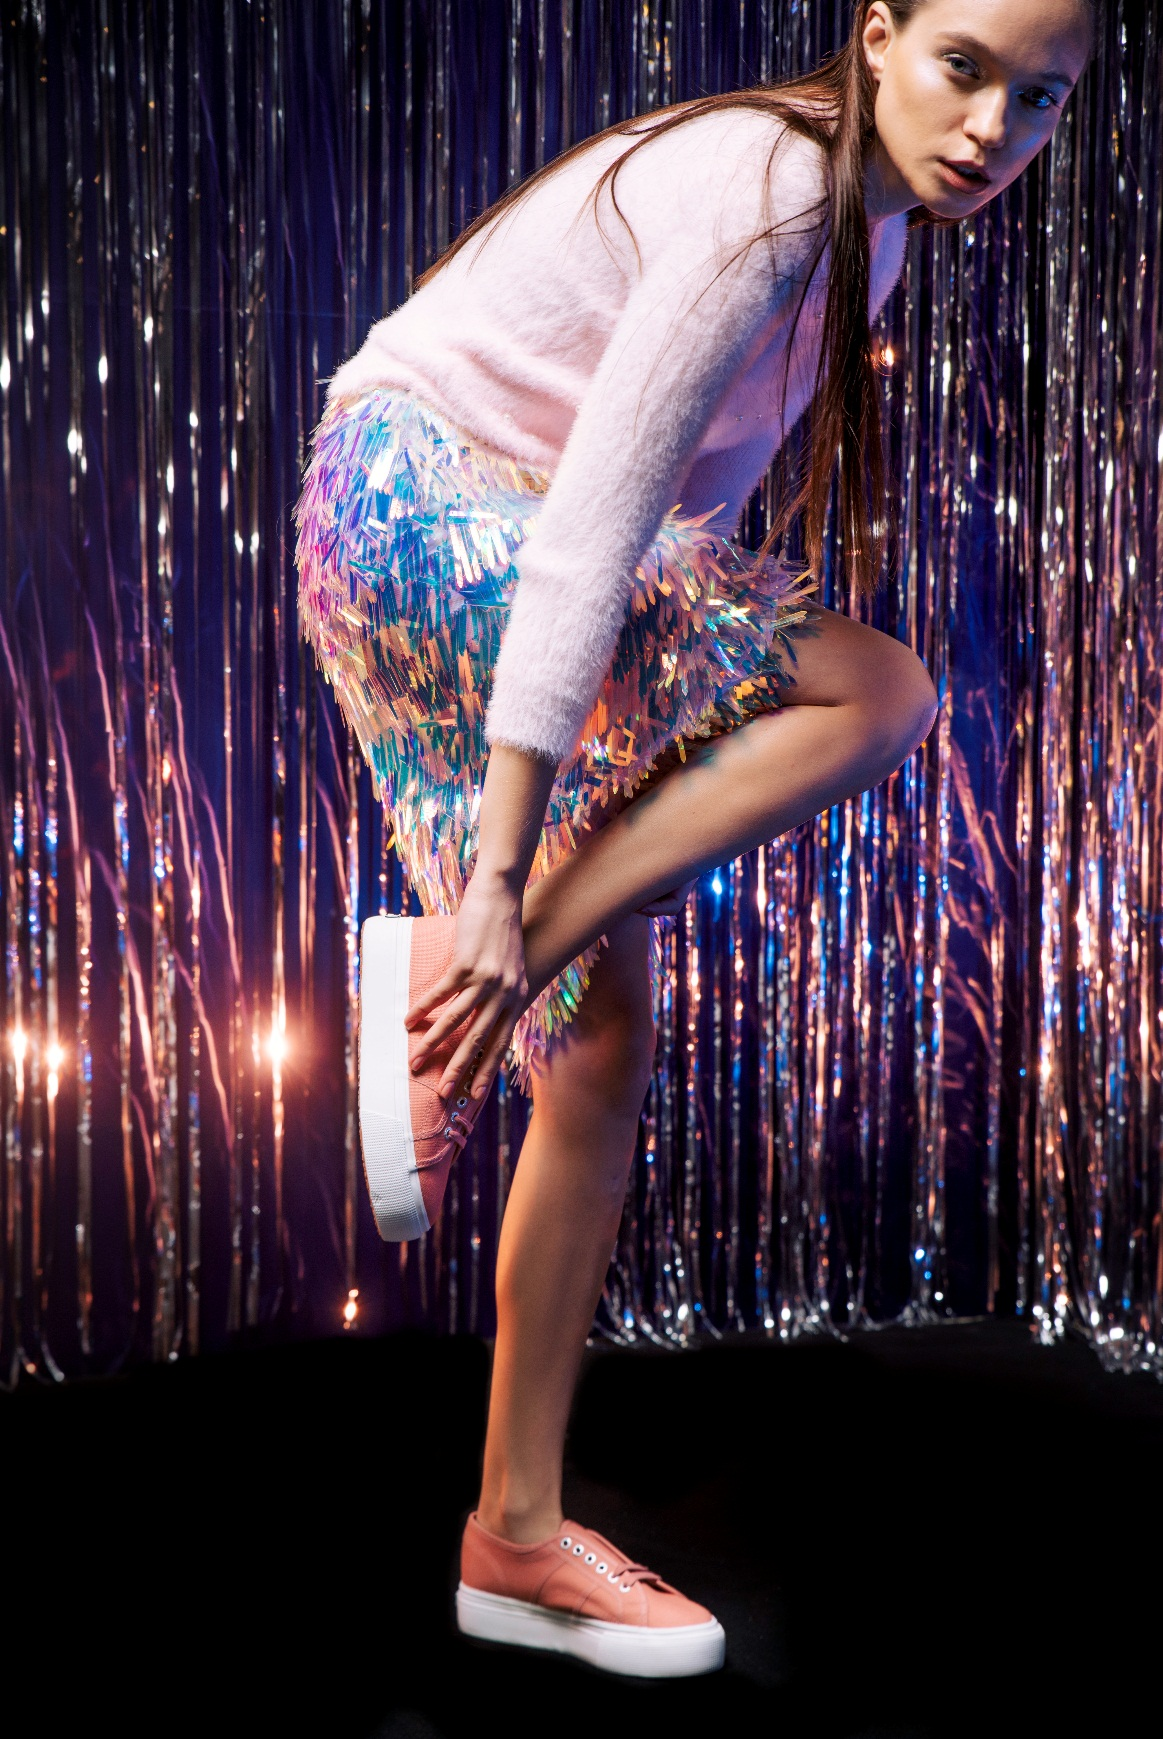 BST Thu Đông giày Superga 2750: Khi thời trang là những bước chân tự do - Ảnh 1.